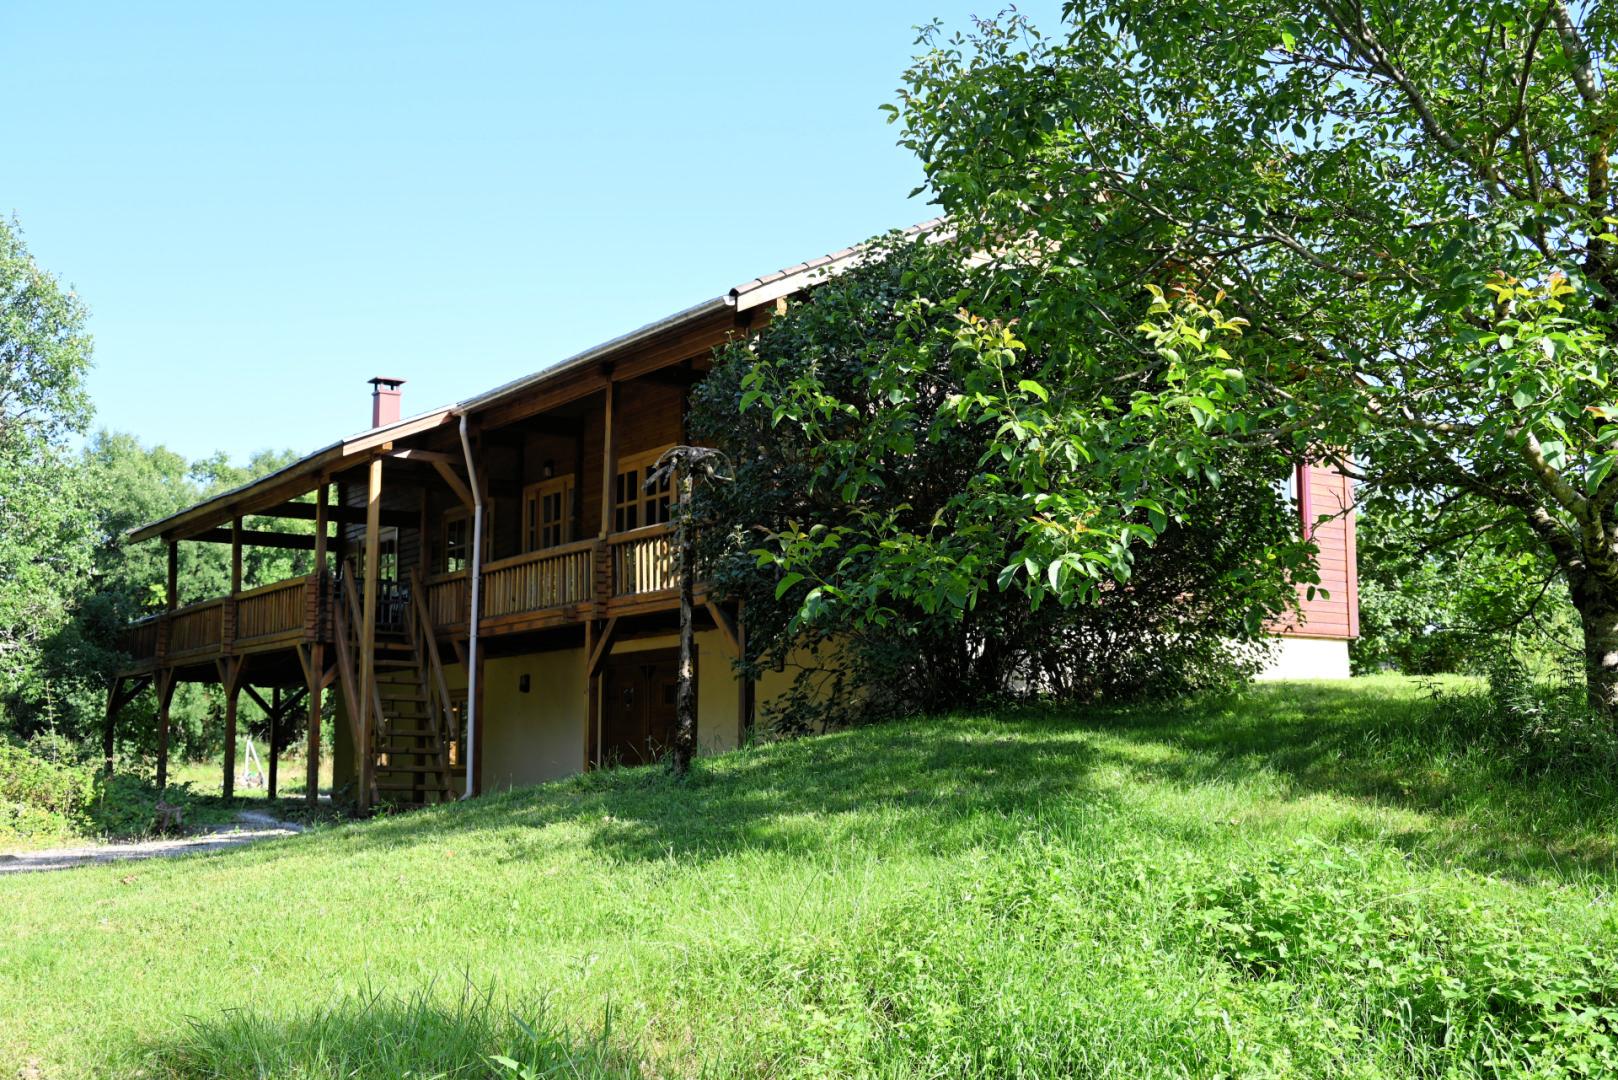 Maison bois de 225 m² sur terrain 5 000 m² proche site touristique vallée de la Dordogne